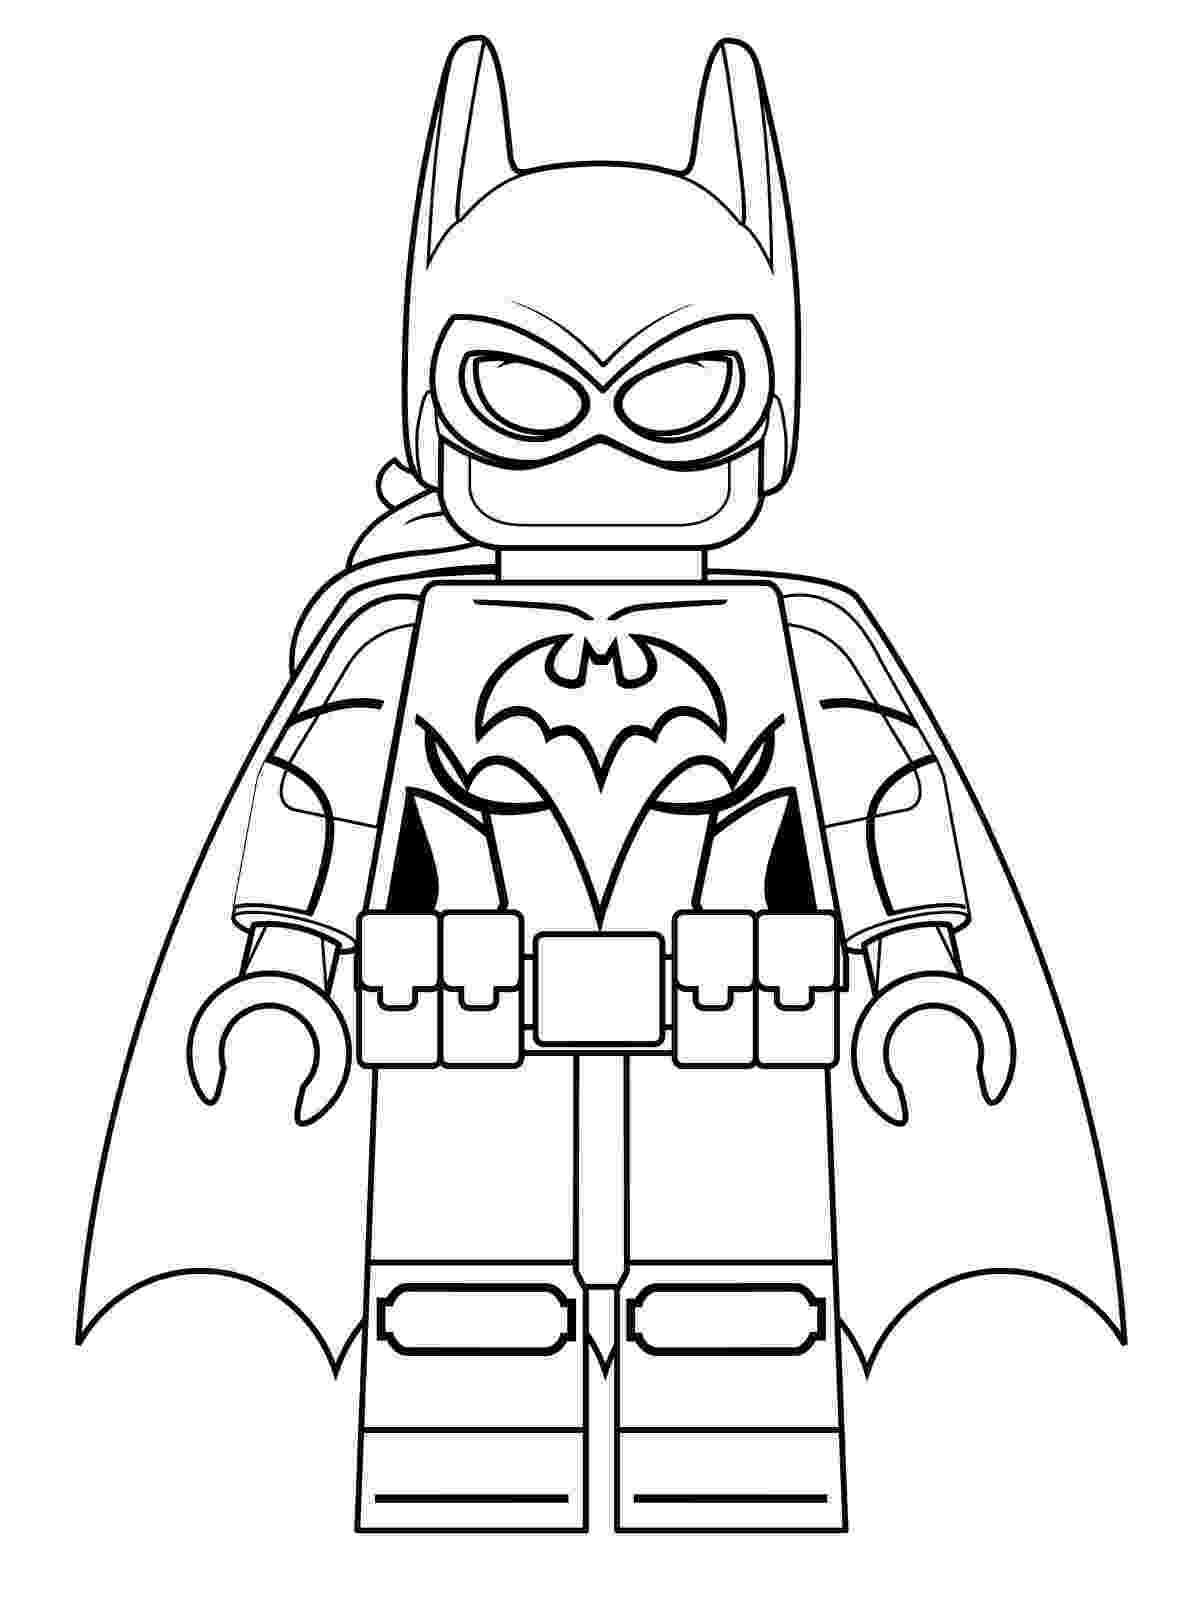 lego batman pictures to colour lego batman coloring pages best coloring pages for kids lego colour pictures to batman